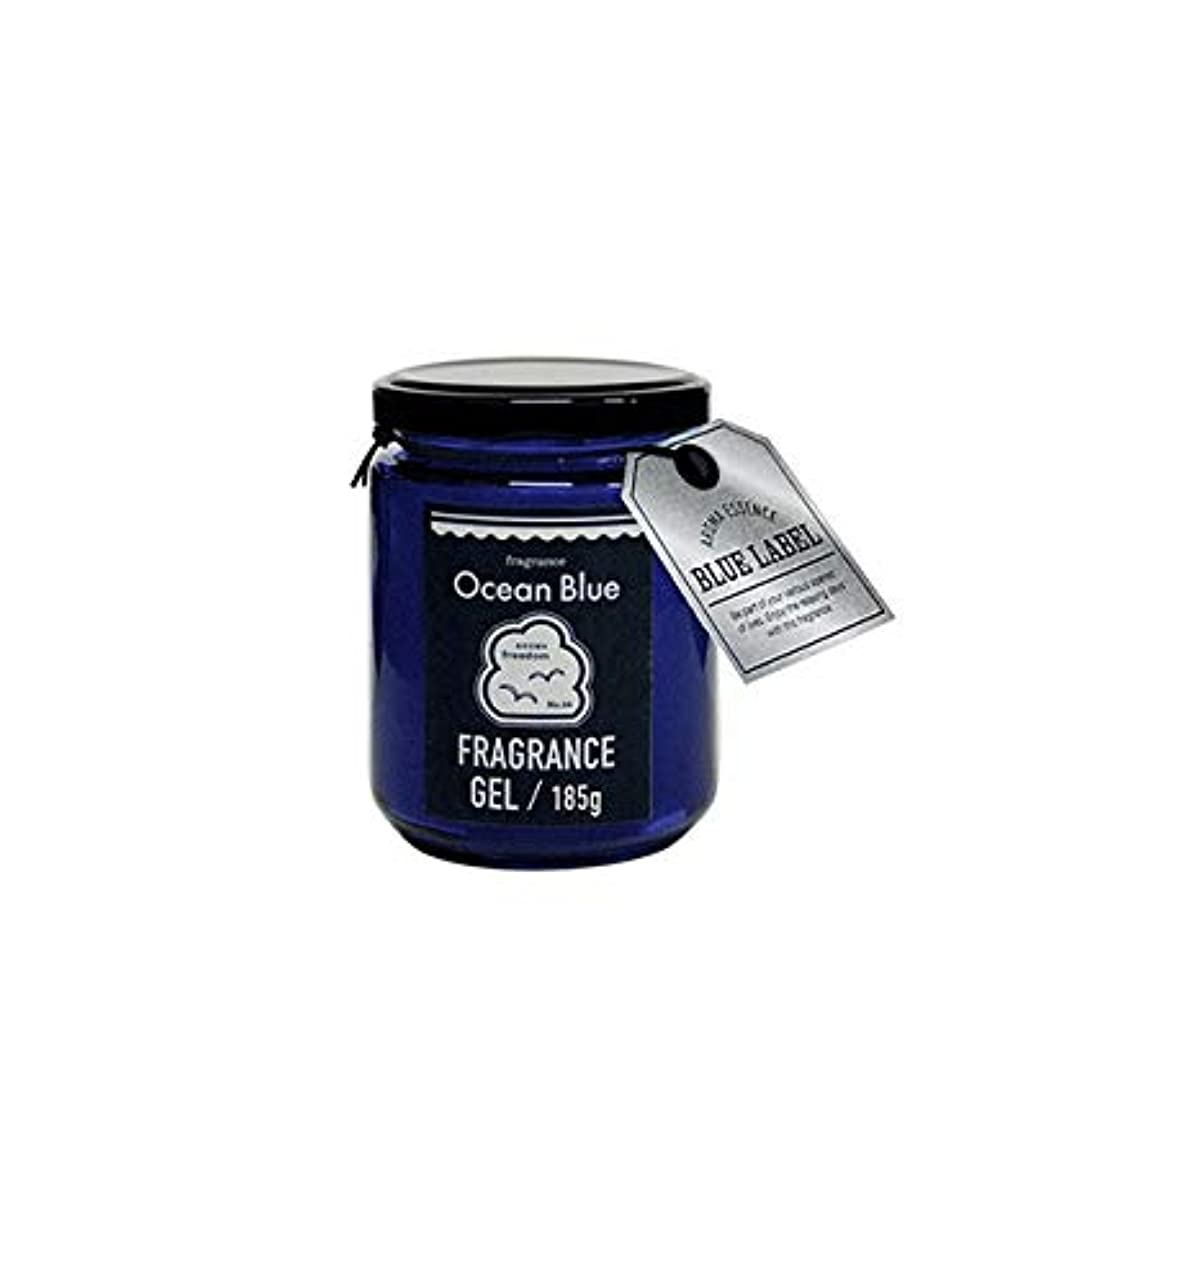 不当ワードローブ羨望アロマエッセンスブルーラベル フレグランスジェル185g オーシャンブルー(ルームフレグランス 約1-2ヶ月 海の爽快な香り)